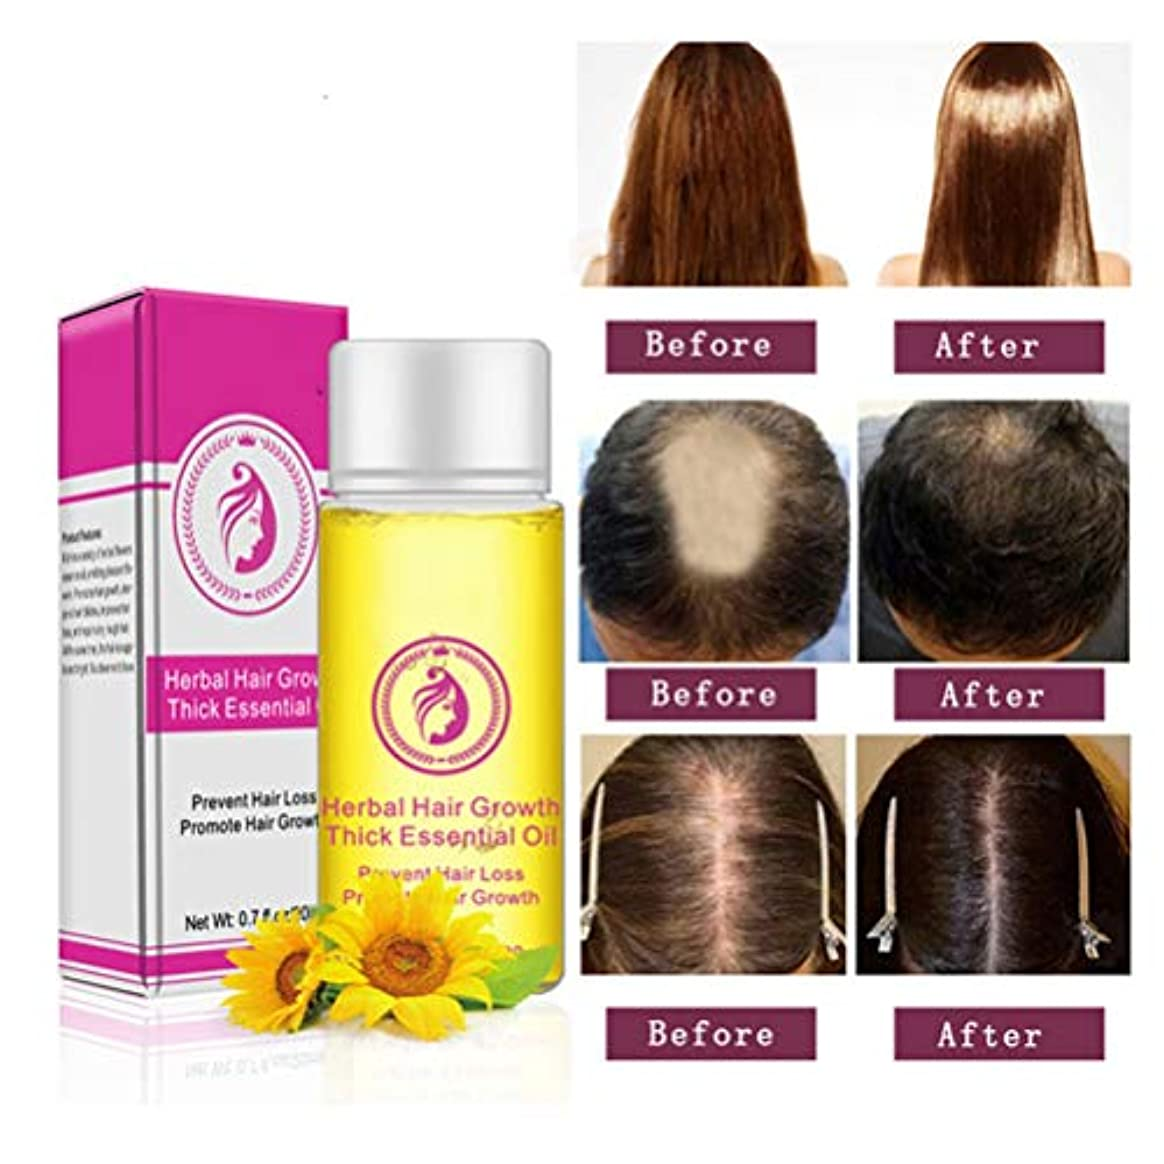 キャプション石灰岩引退するBSMEAN 20mlヘアセラム、育毛セラム、薄毛用育毛オイル、脱毛防止セラム、発毛促進、毛根の強化、男性および女性用の再成長製品